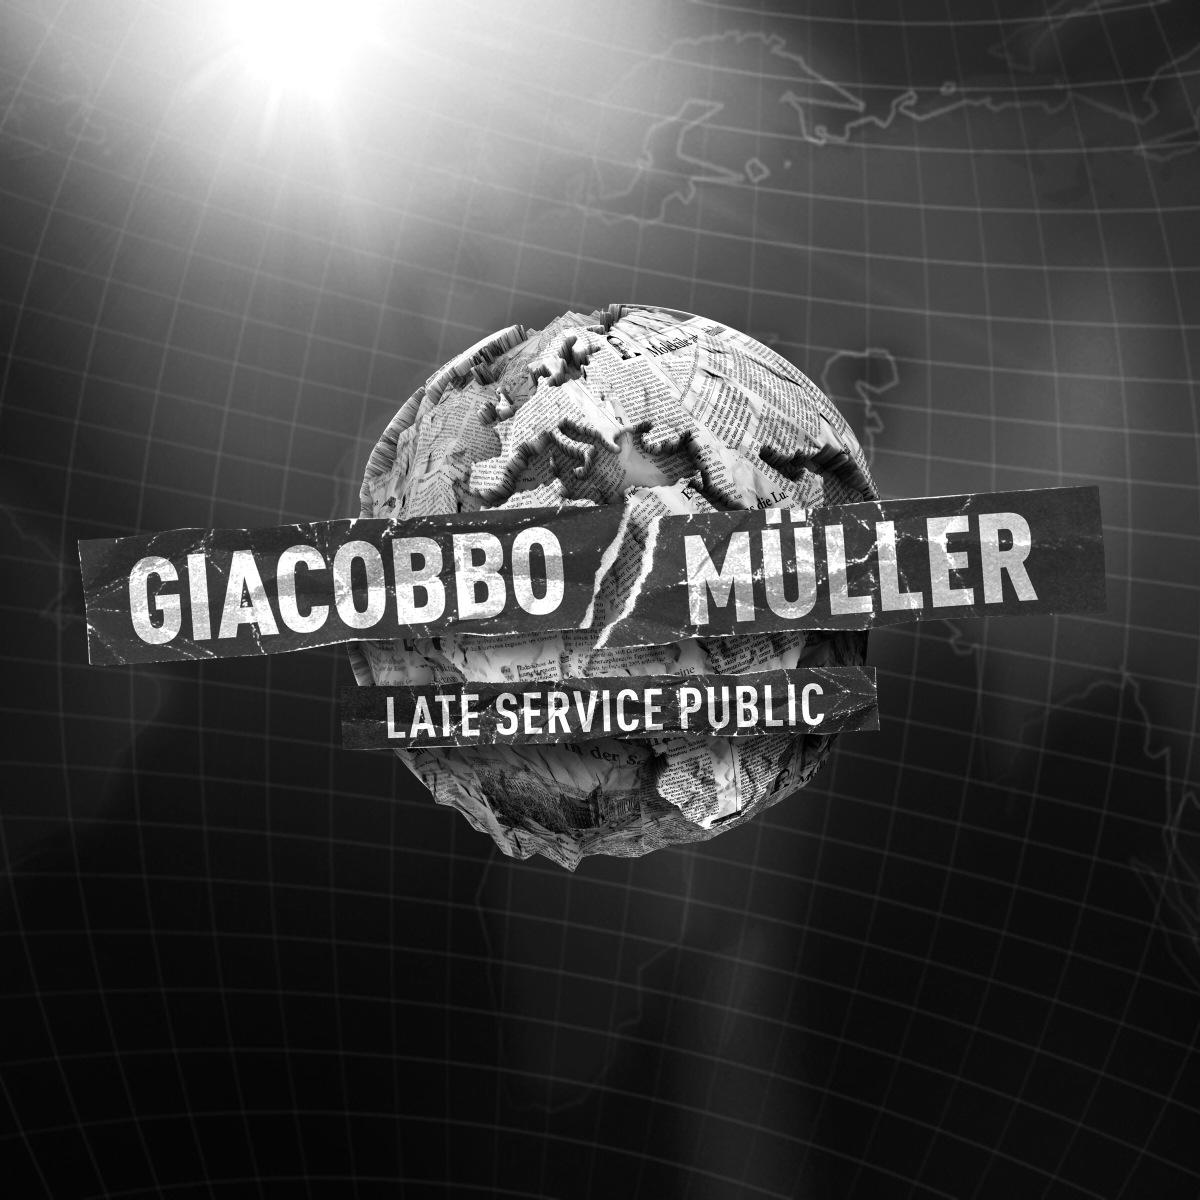 Giacobbo/Müller Teaser